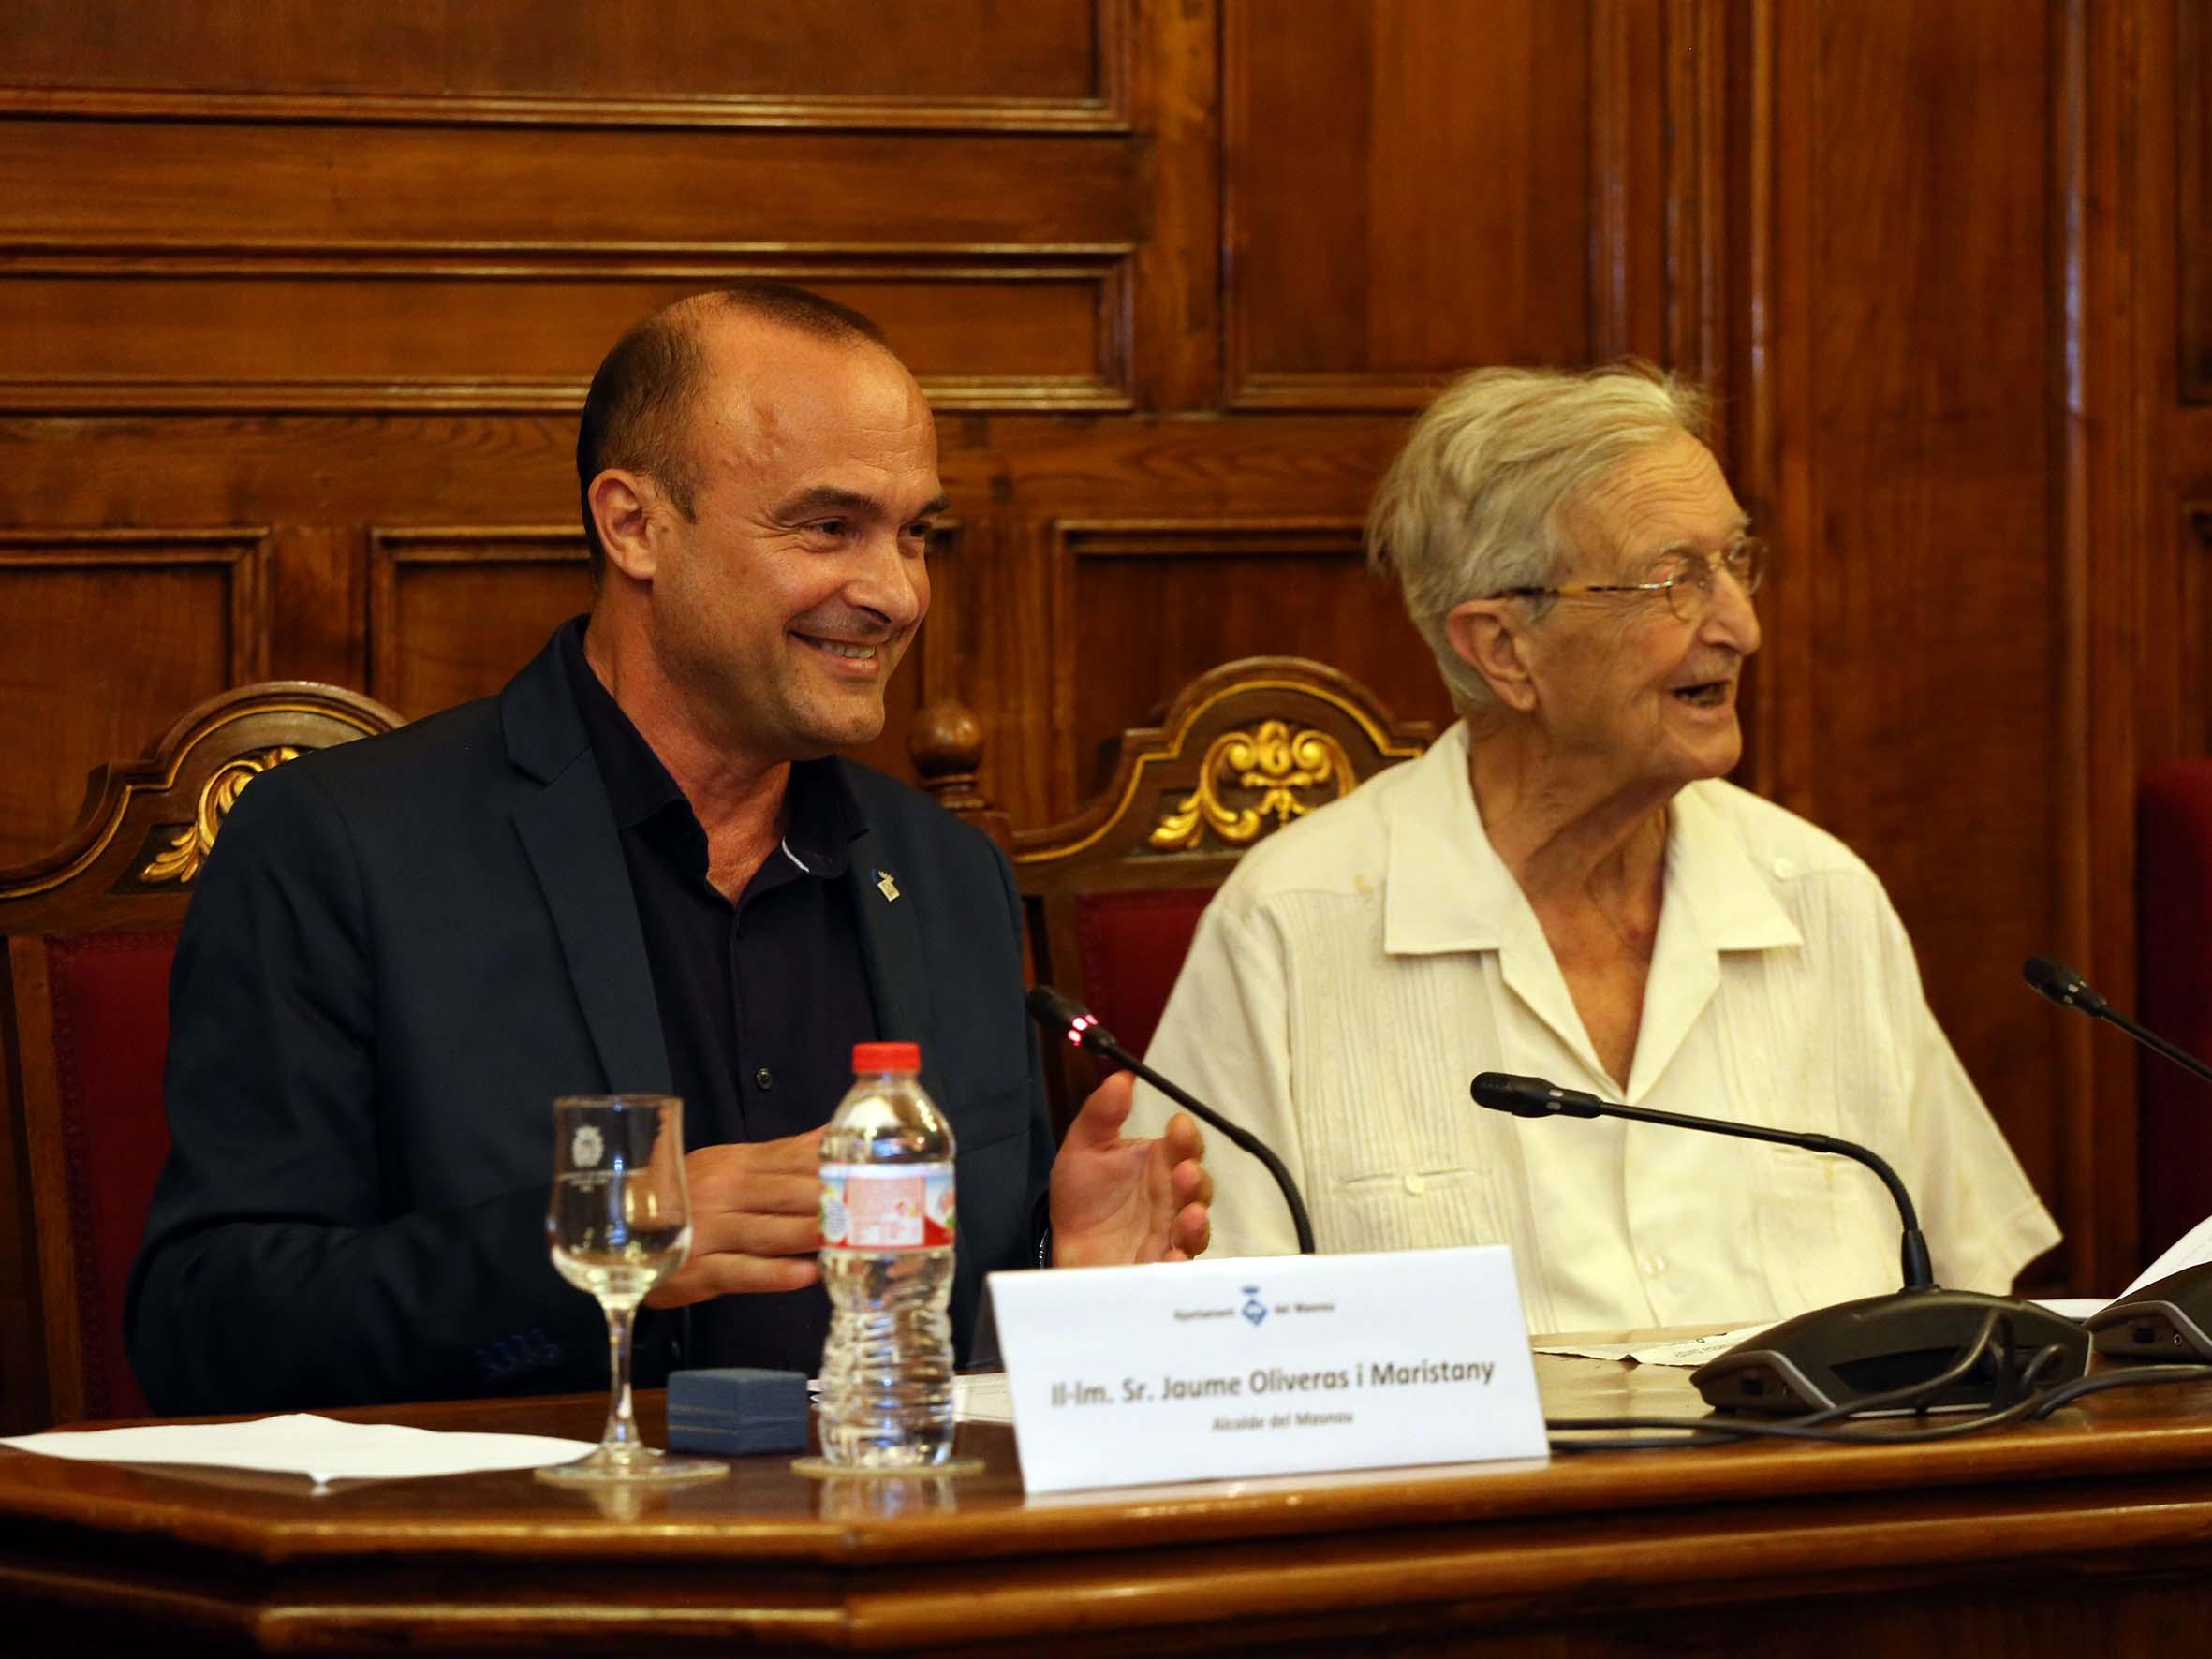 L'alcalde del Masnou, Jaume Oliveras, amb Jacint Ros Hombravella, Creu de Sant Jordi, en l'acte de proclamació d'Hombravella com a fill adoptiu del Masnou.